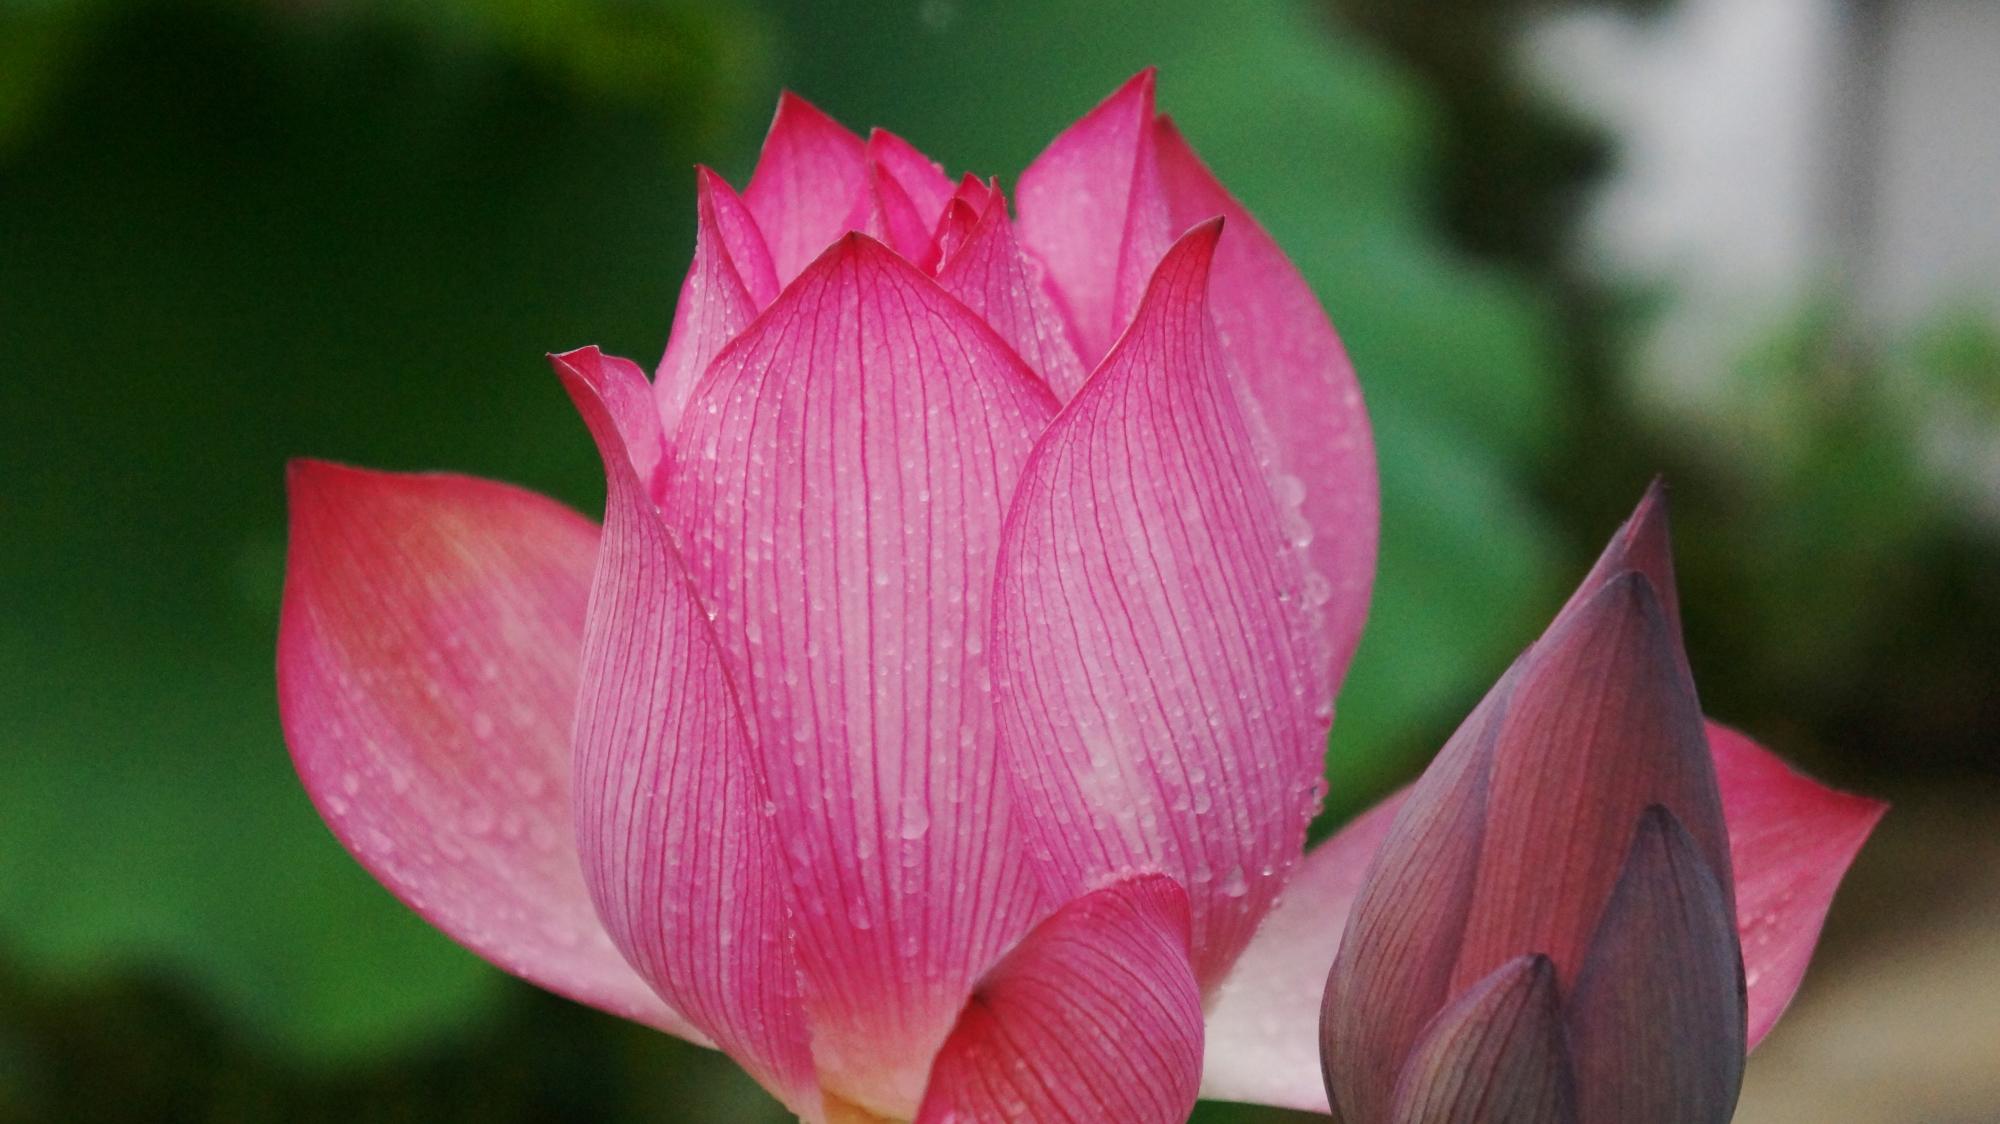 法金剛院の雨に濡れて輝くようなピンクの蓮の花